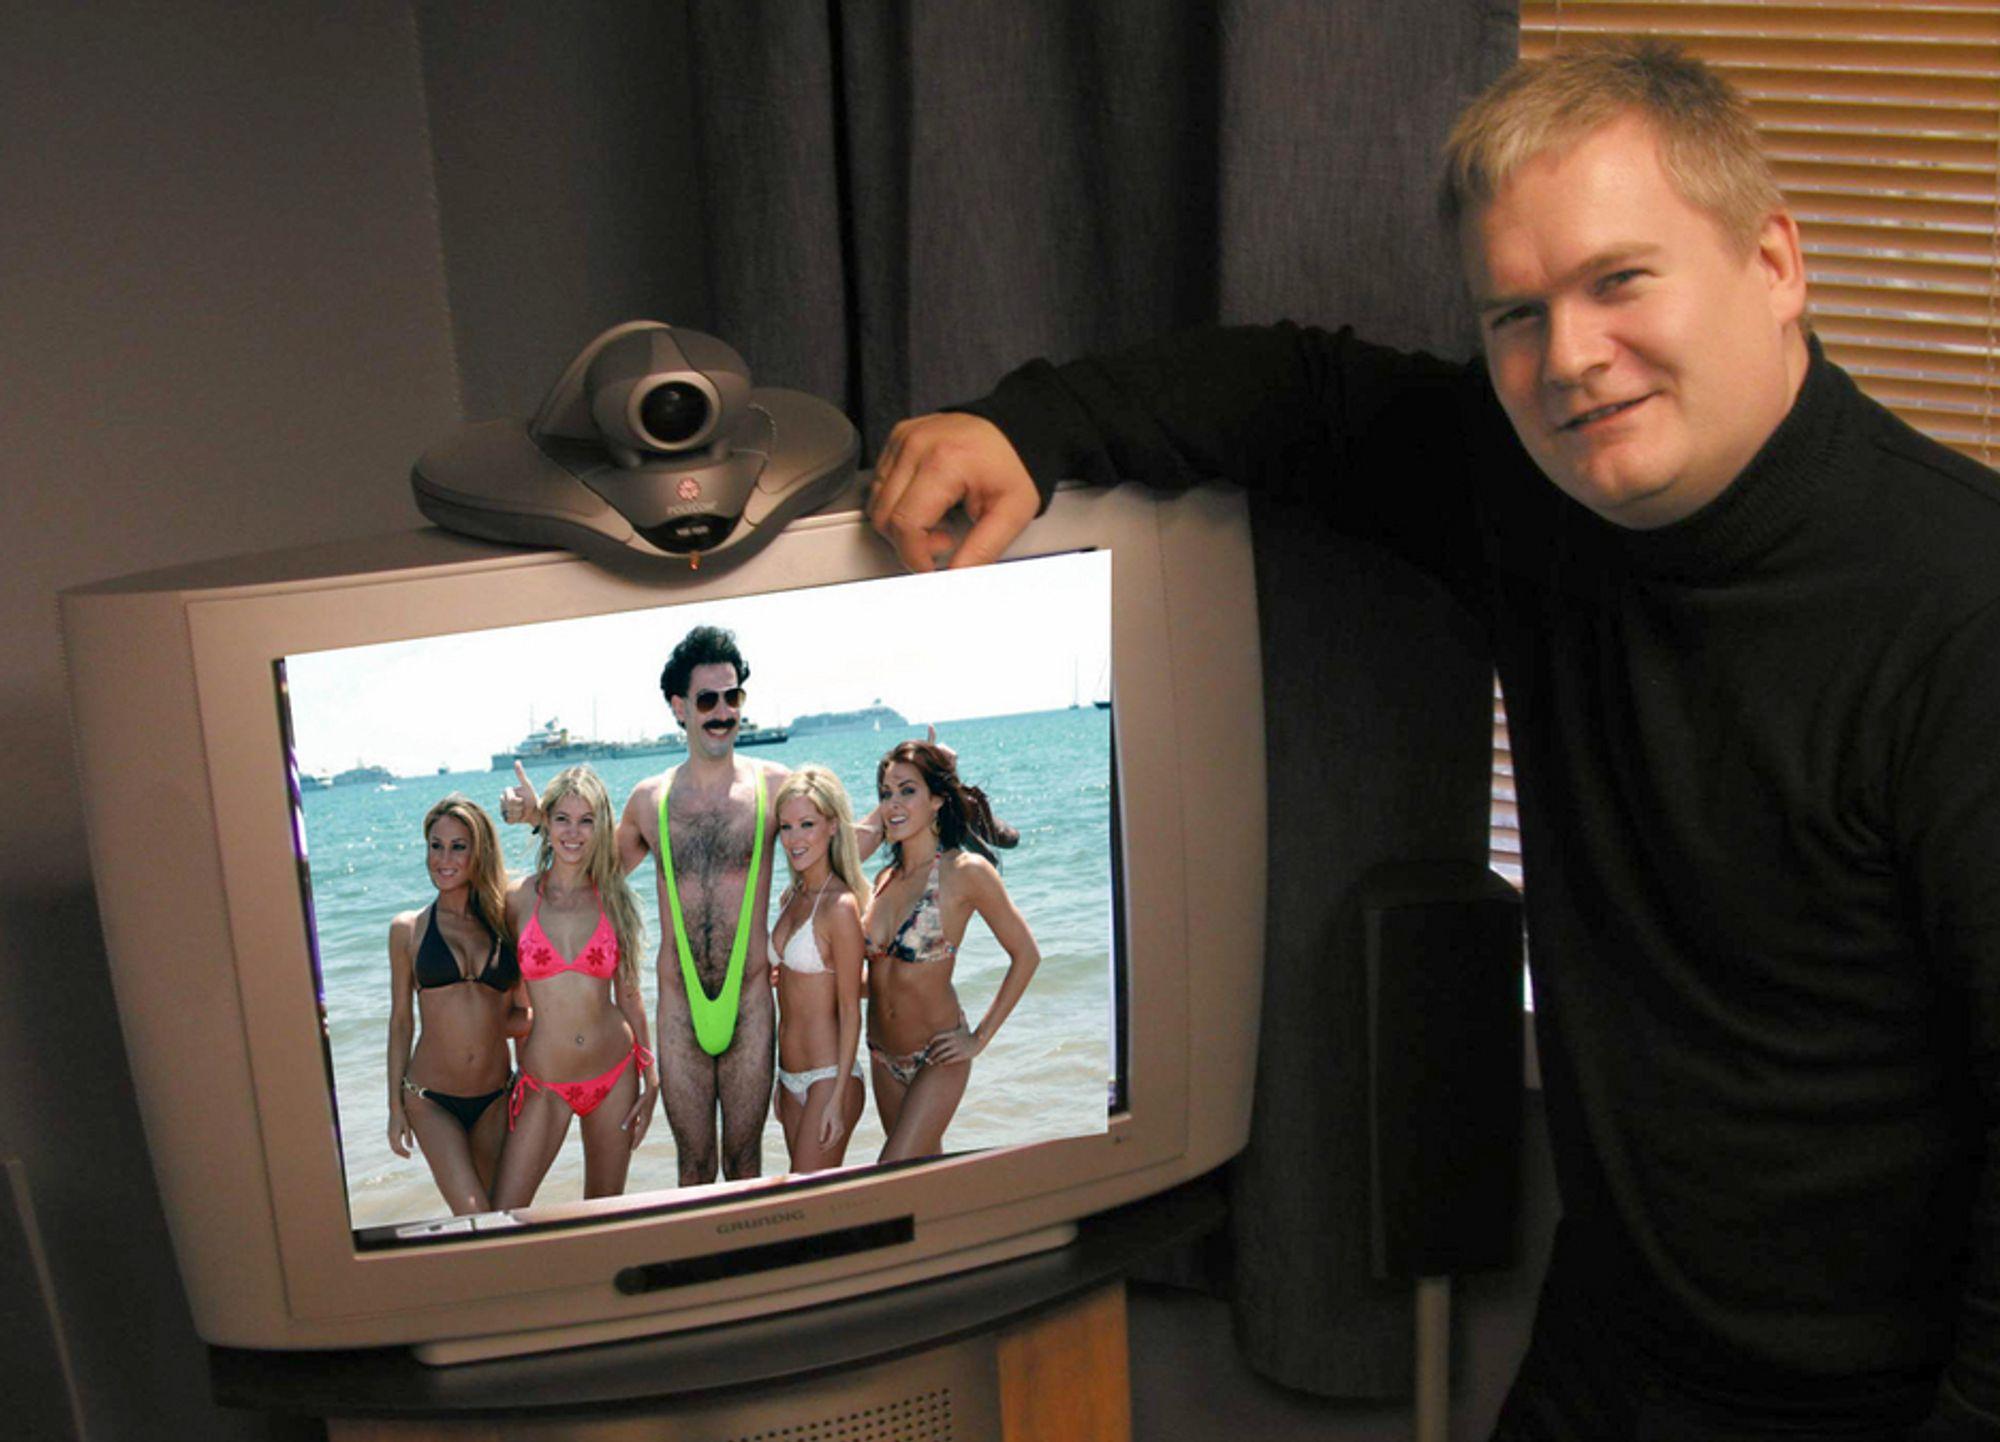 VENTER PÅ BORAT: Hans Johan Tofteng i Avikom skal bistå Kasakhstan med avanserte videokonferanseløsninger. Men det spørs om han vil få filmet Borat og hans ledsagere.